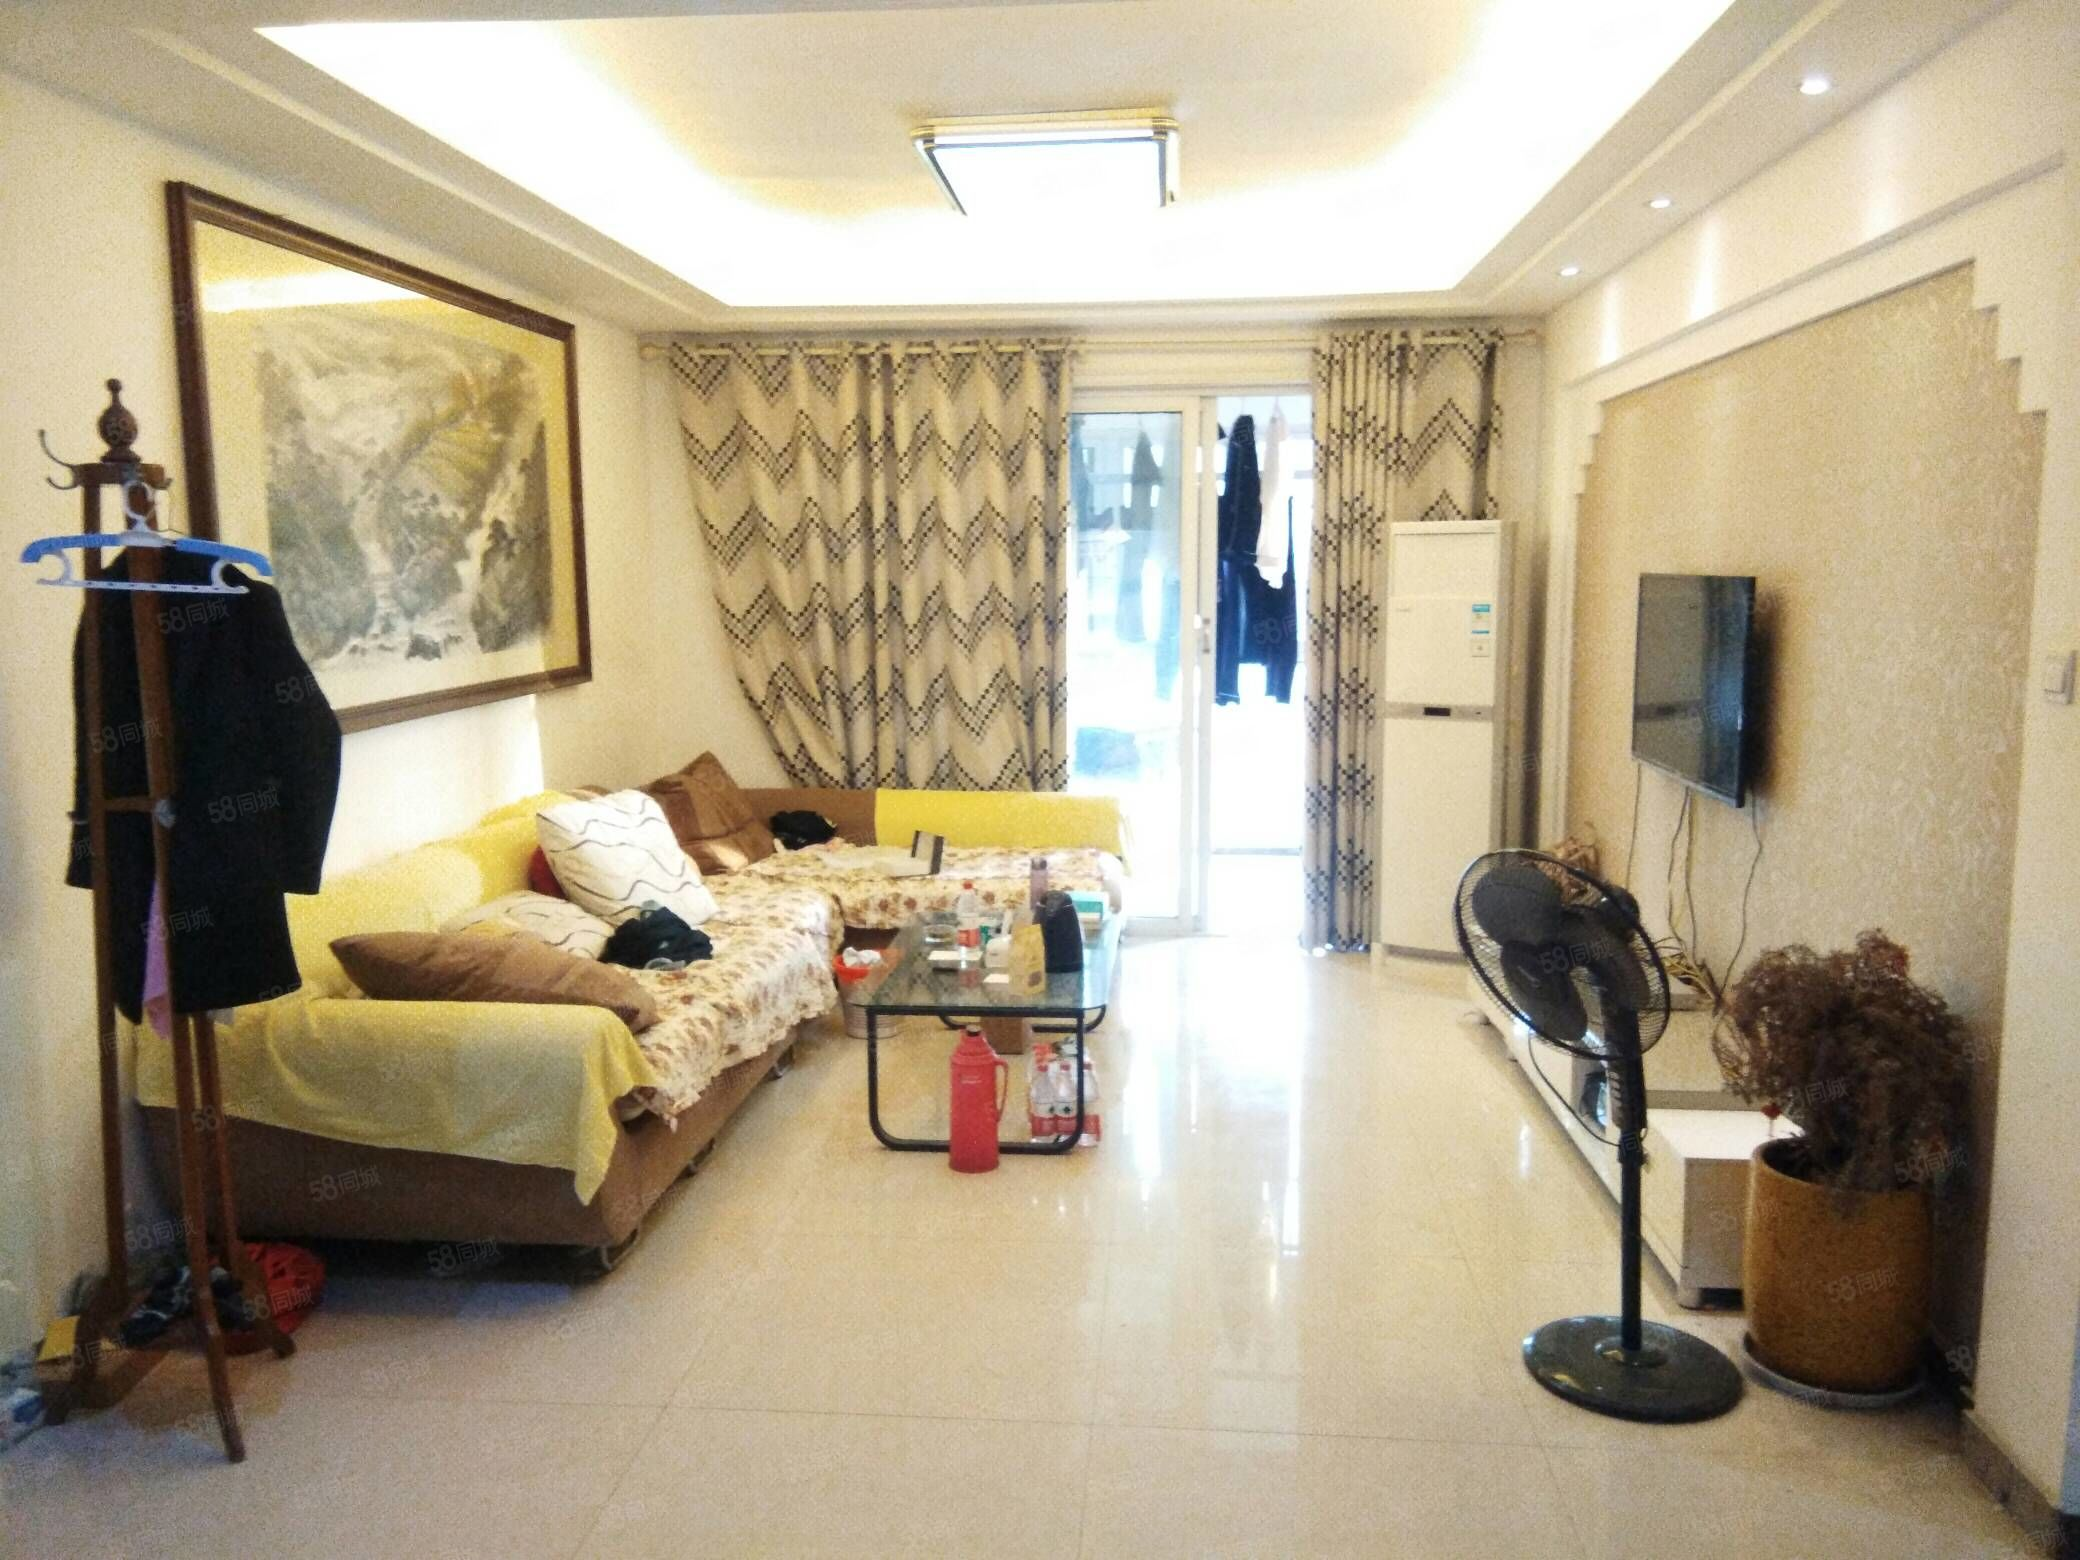 鲁班,2室1厅,精装,一年16000元,可半年付。